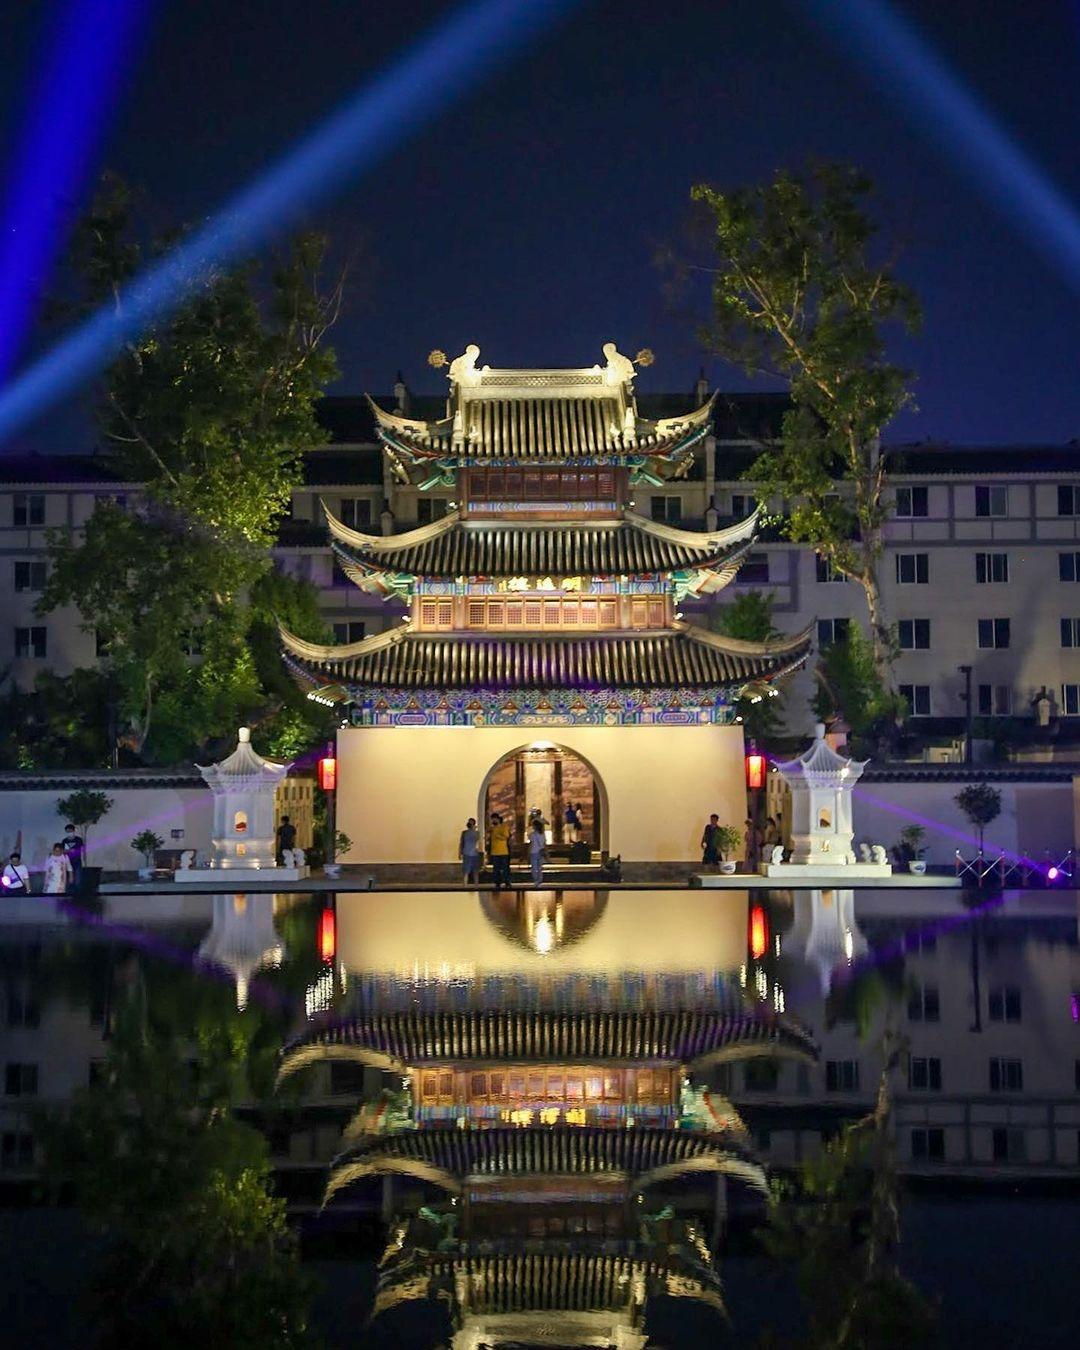 當代中國-中國旅遊-中國文化-江蘇-南京-夫子廟-江南貢院-內地高考-科舉-1